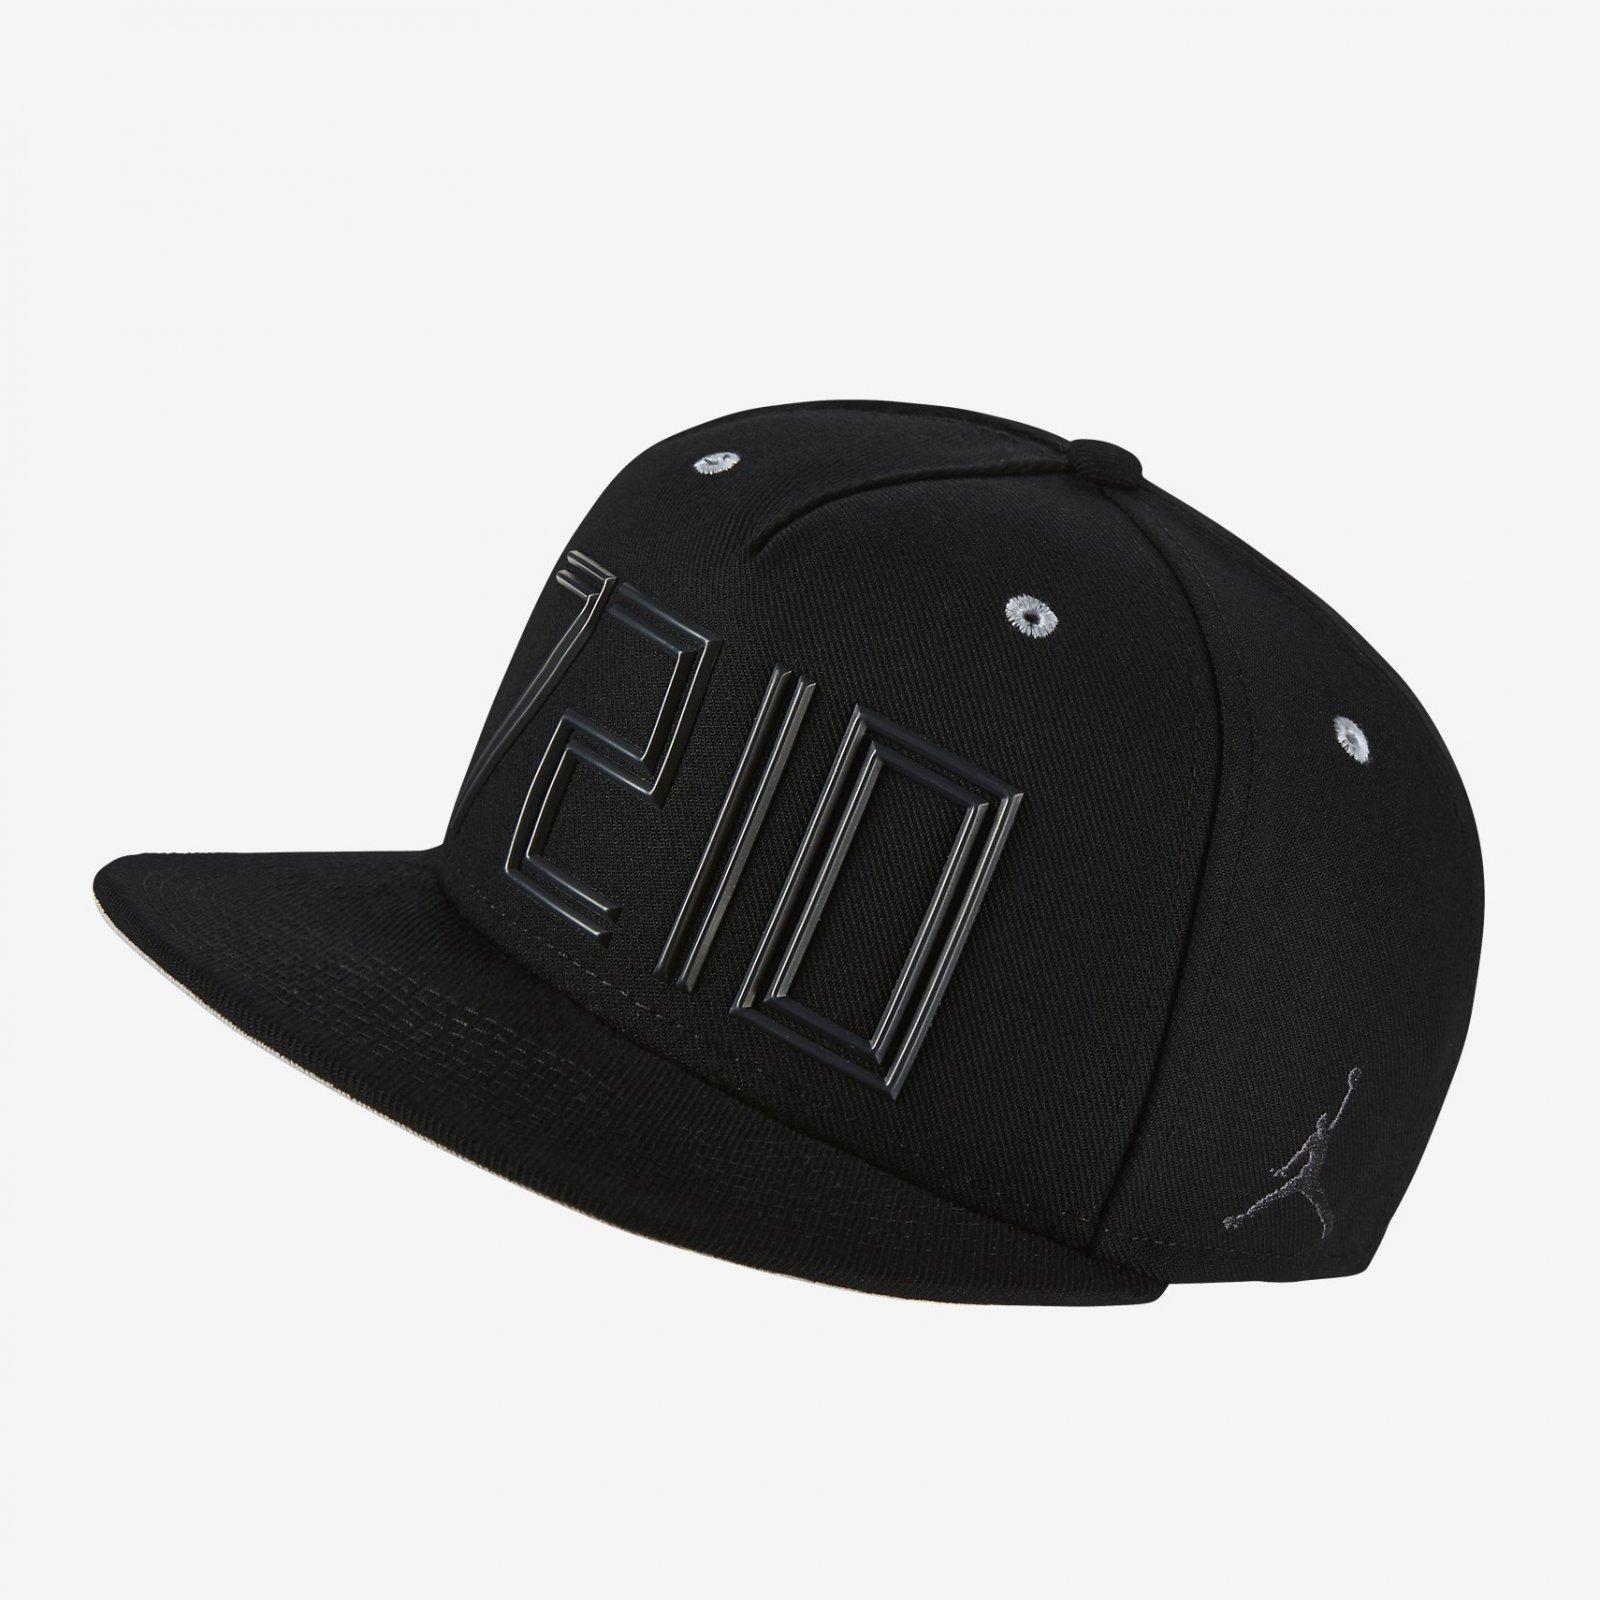 Air Jordan 11 Retro 72-10 Snapback Hat Black Cap 2015 Nike 746649 ... 83f167a8c63